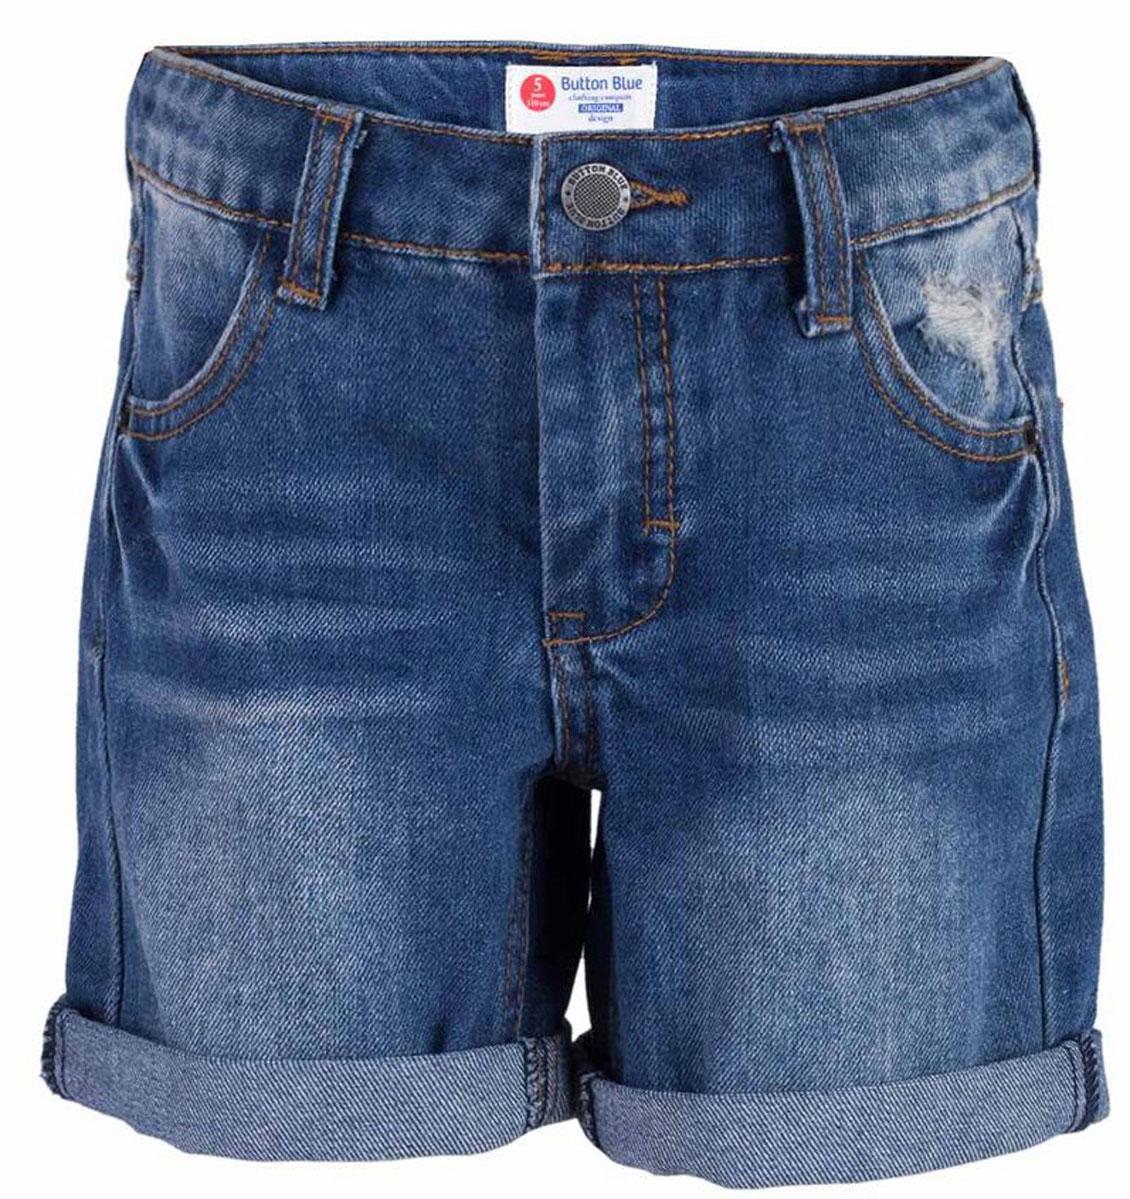 Шорты117BBBC6003D500Классные джинсовые шорты с потертостями, варкой и повреждениями - прекрасное решение на каждый день! И дома, и в лагере, и на спортивной площадке эти шорты для мальчика обеспечат комфорт и соответствие модным трендам. Купить недорого детские шорты от Button Blue , значит, сделать каждый летний день ребенка радостным и беззаботным!